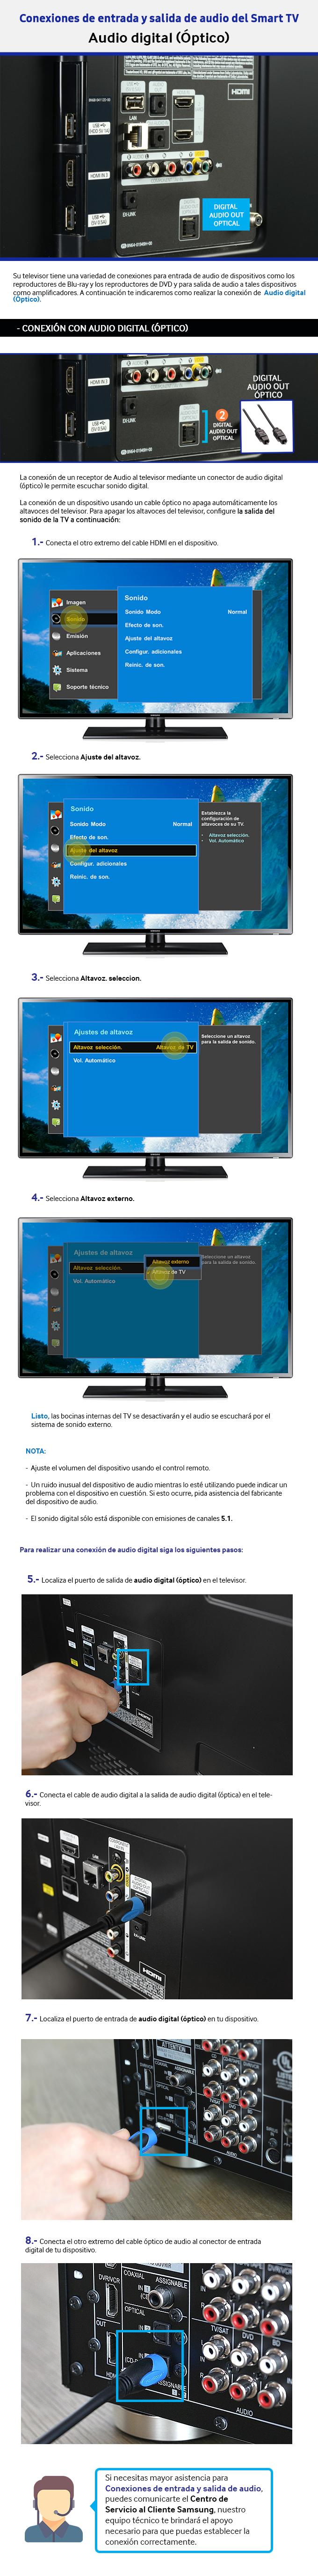 Conexiones de entrada y salida de audio del Smart TV (Óptico)